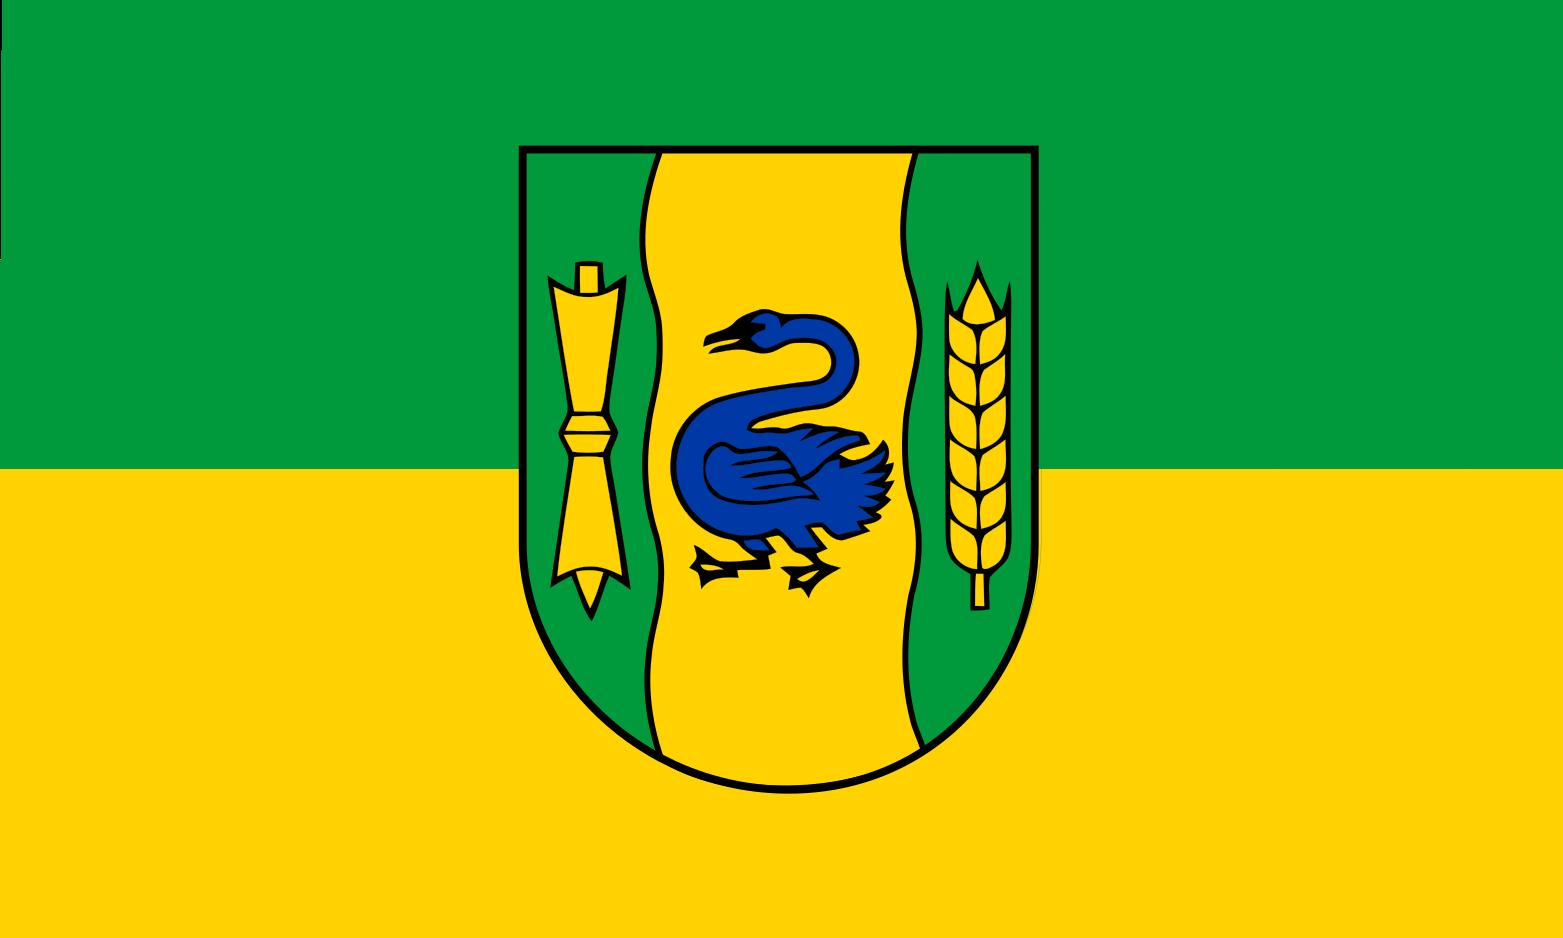 Flagge_Gronau